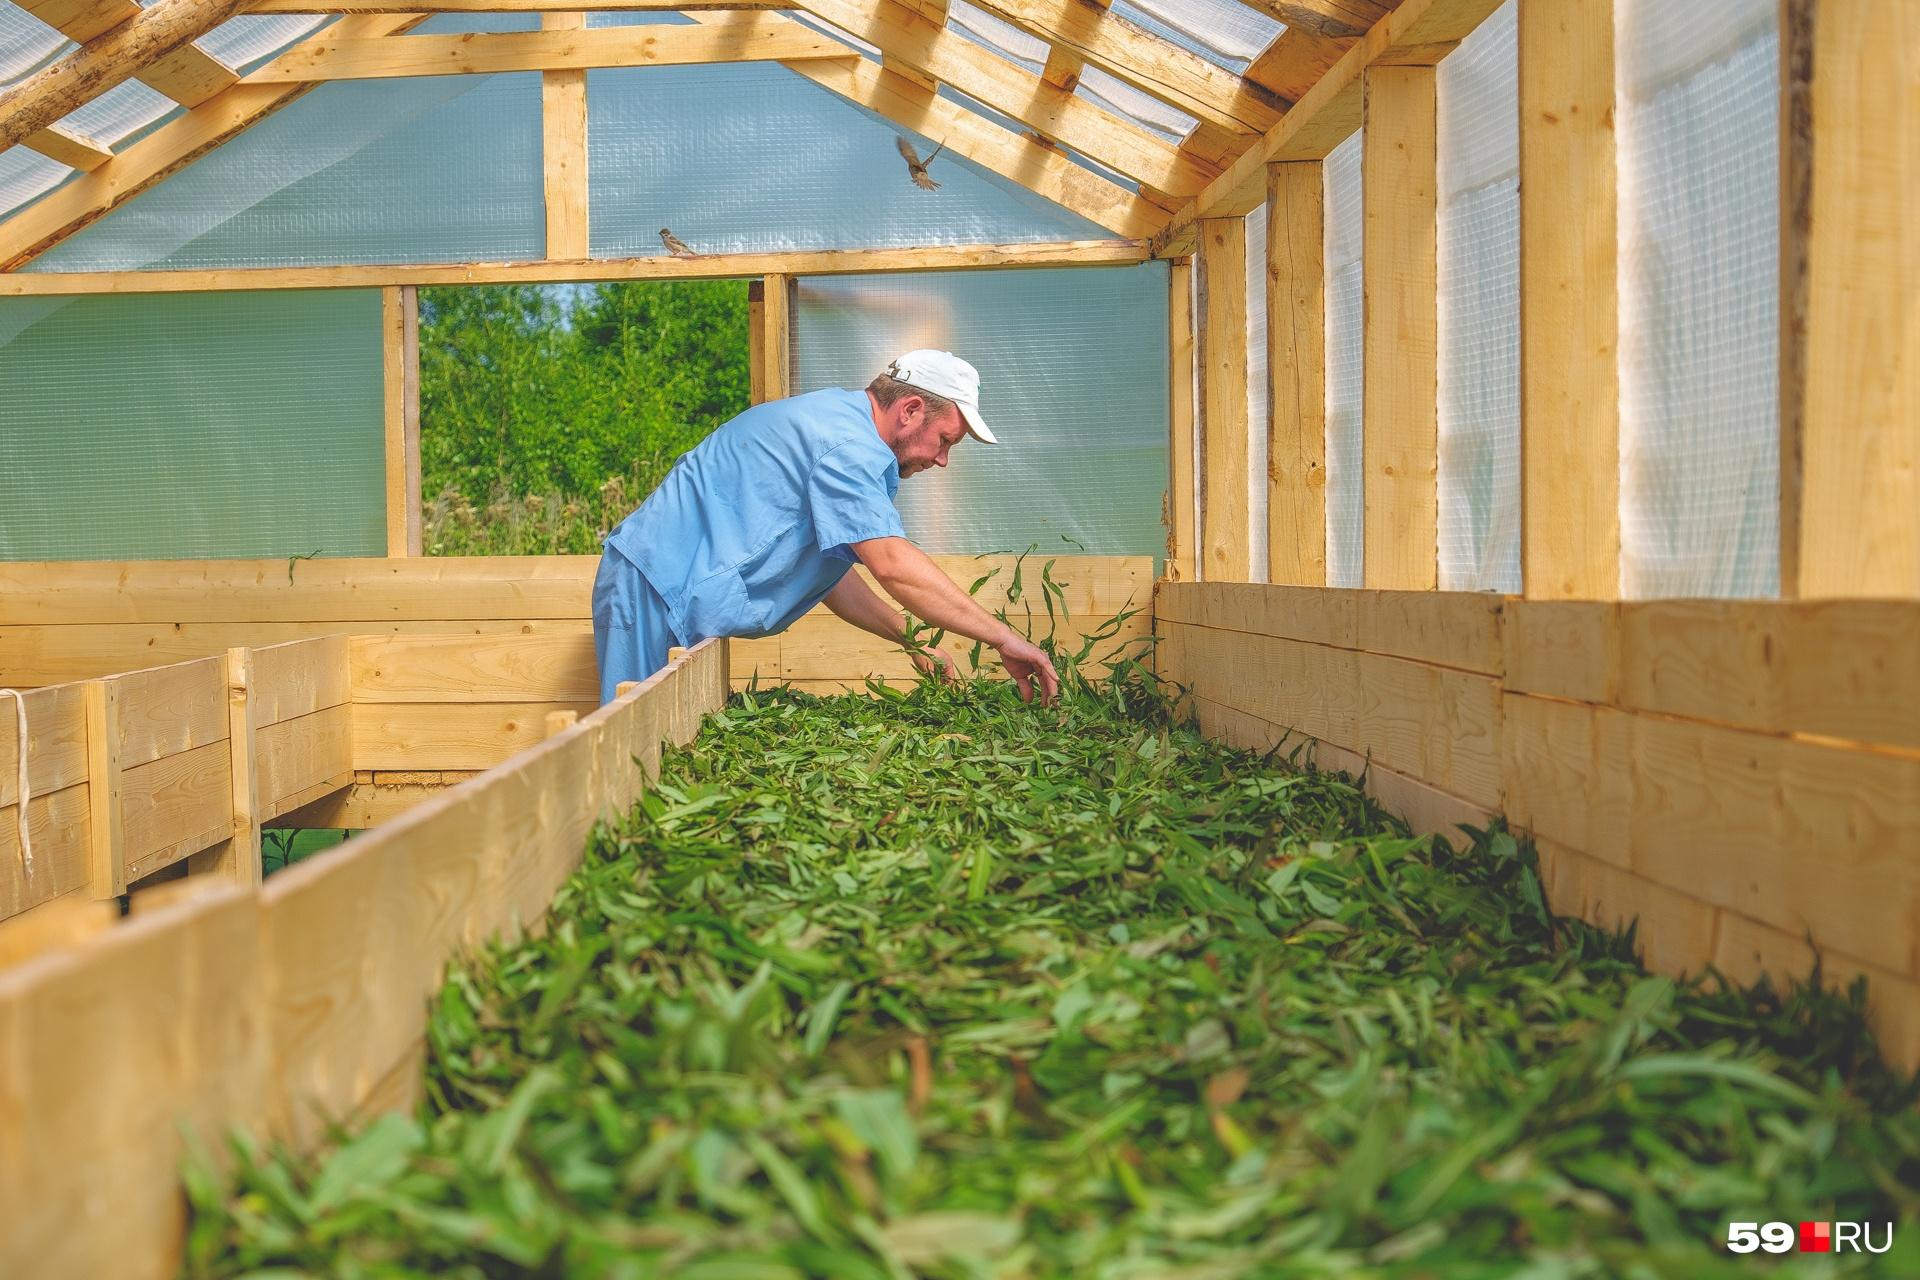 Вадим проверяет, можно ли убирать листья из сушилки